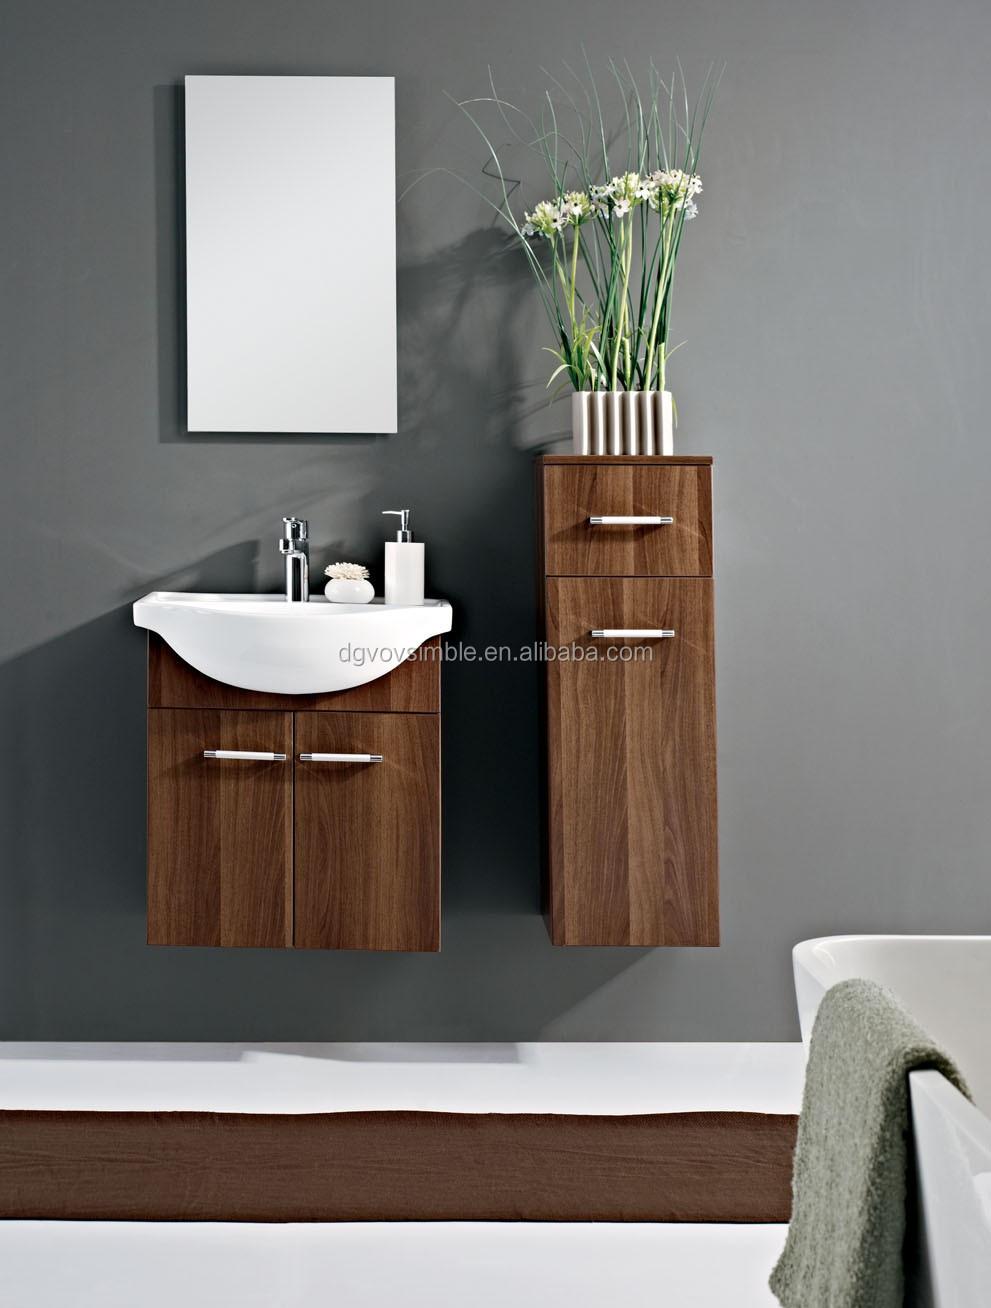 Mdf muebles de baño lavabo moderno lavabo del baño del gabinete ...